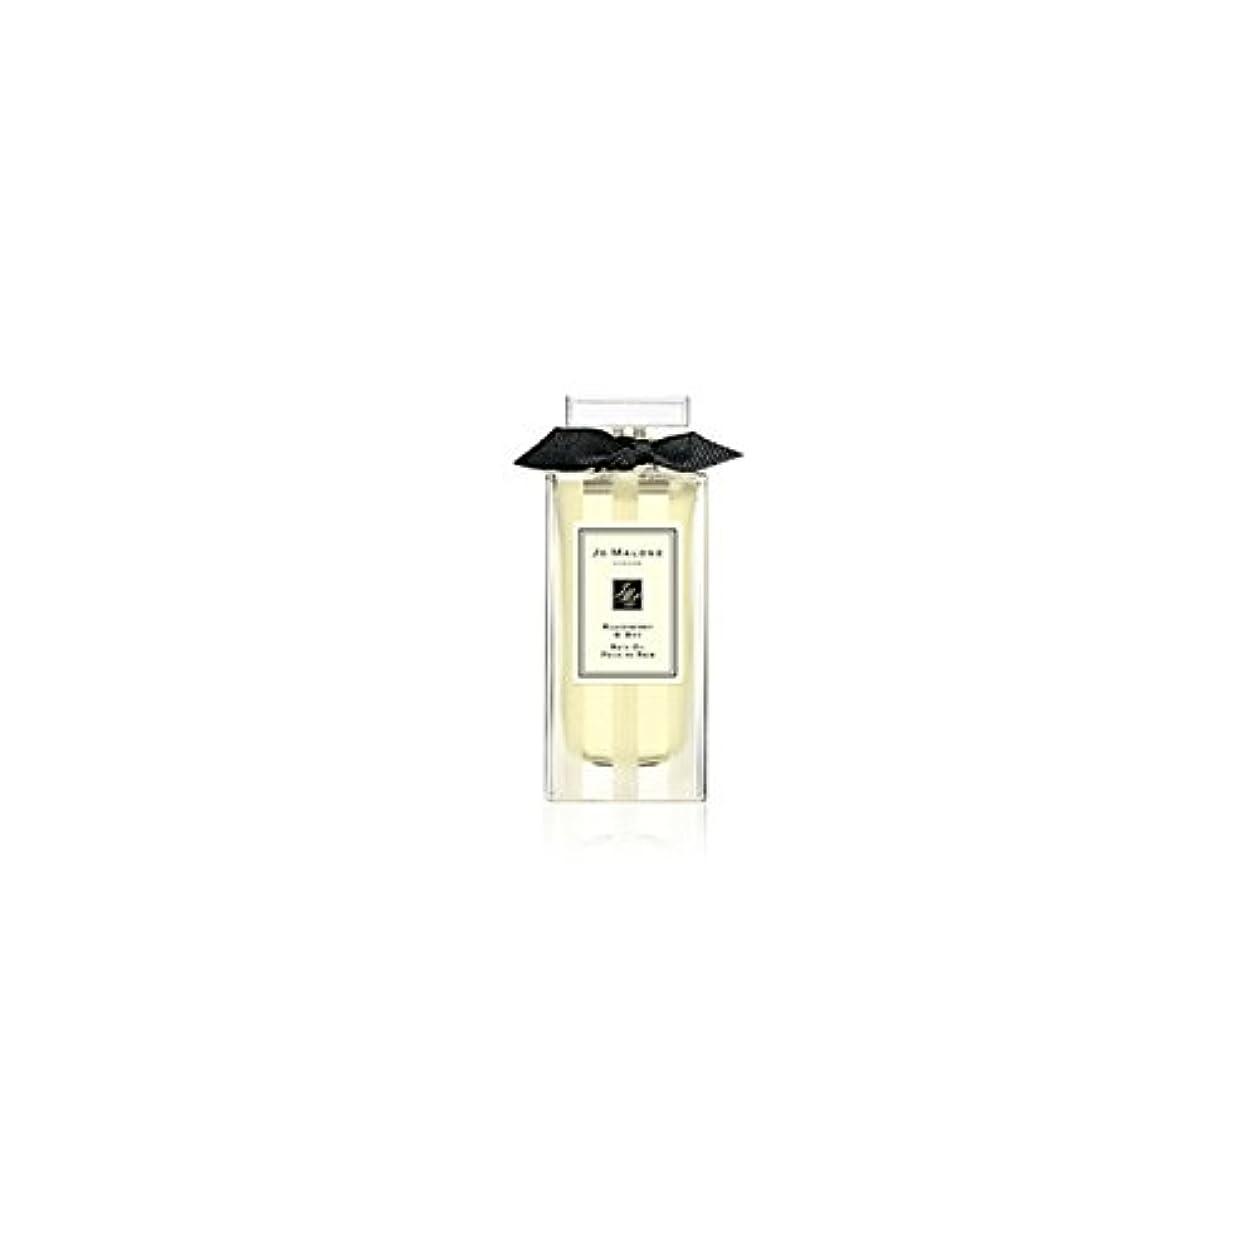 水平地域第四ジョーマローンブラックベリー&ベイバスオイル - 30ミリリットル - Jo Malone Blackberry & Bay Bath Oil - 30ml (Jo Malone) [並行輸入品]